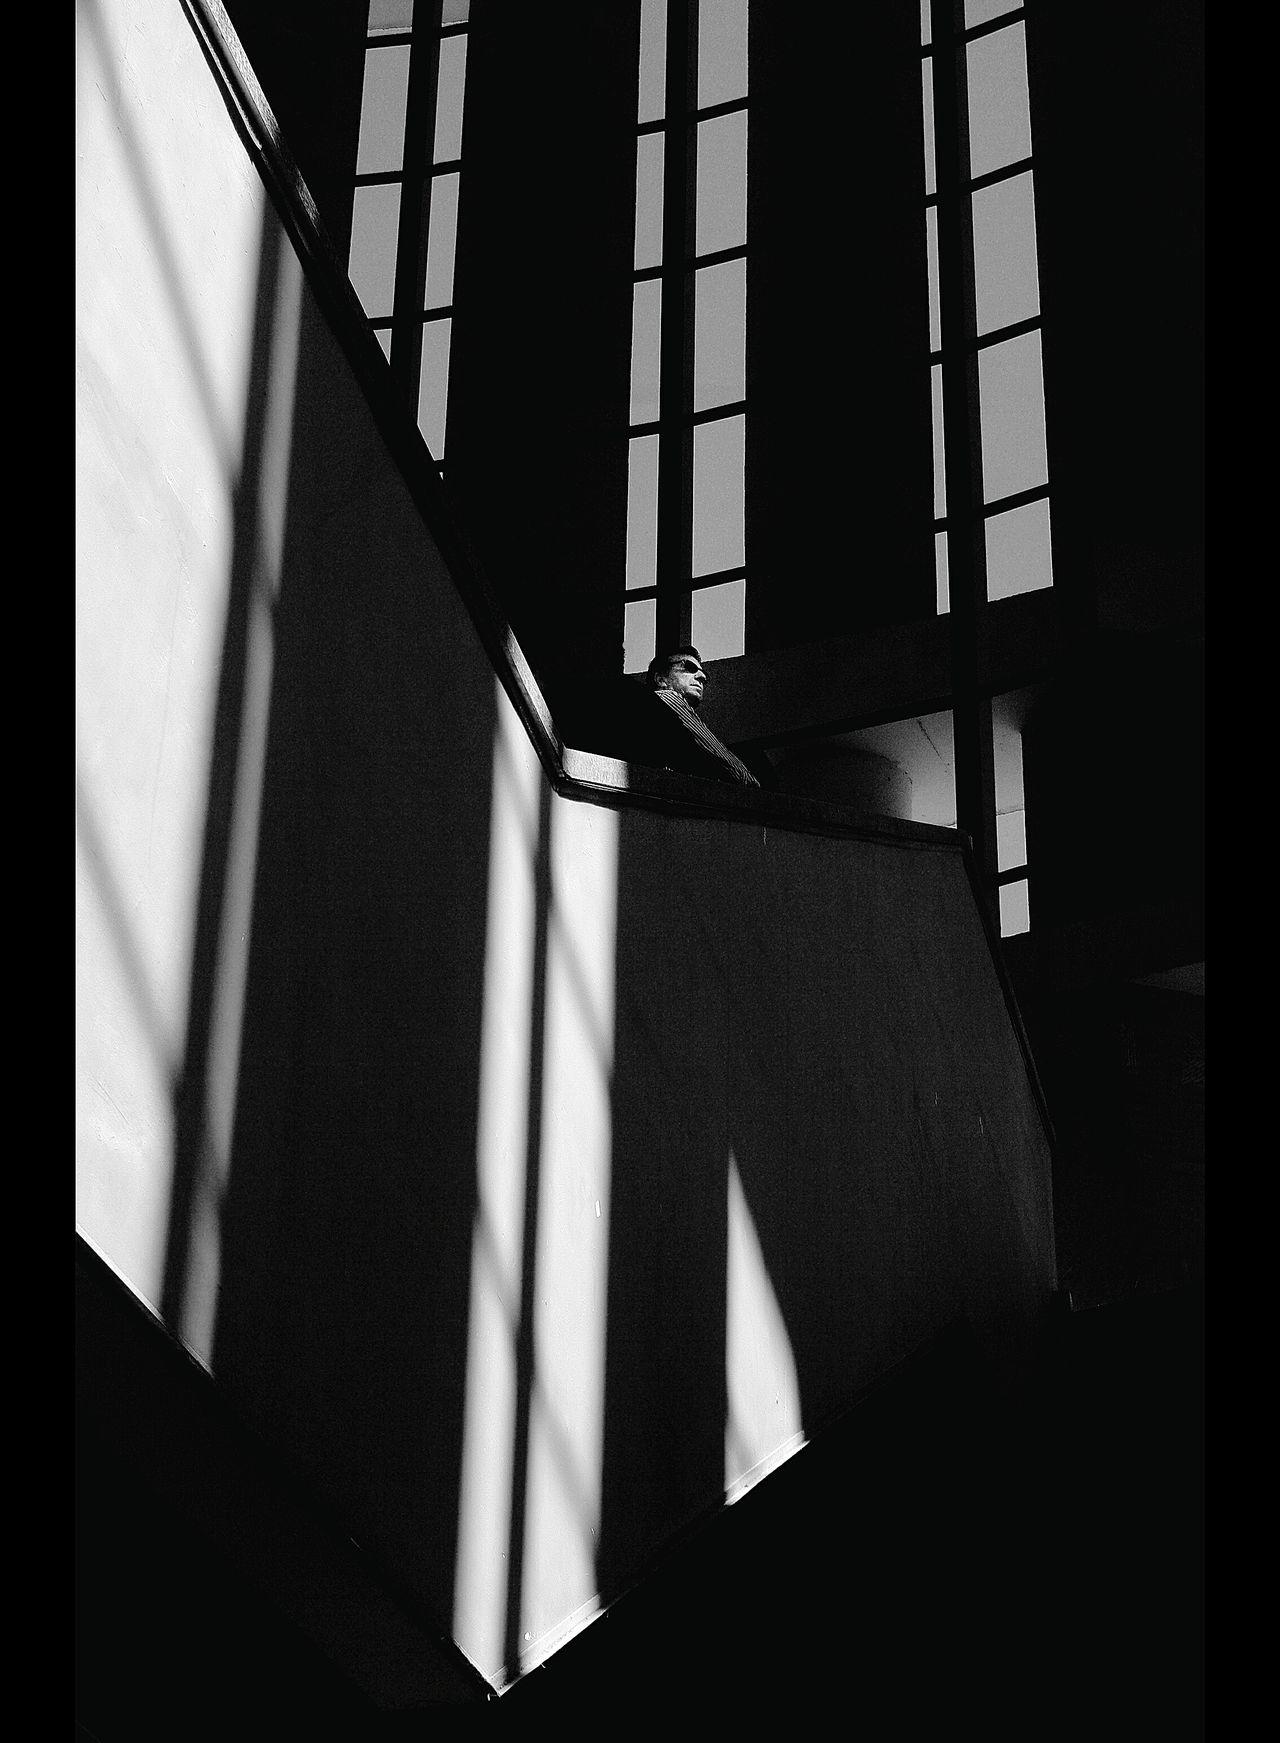 El observante EyeEm Best Shots - Black + White La Falsa Envoltura De Las Apariencias Blanco Y Negro Blanco & Negro  Monochrome Black & White Siluetas Siluette